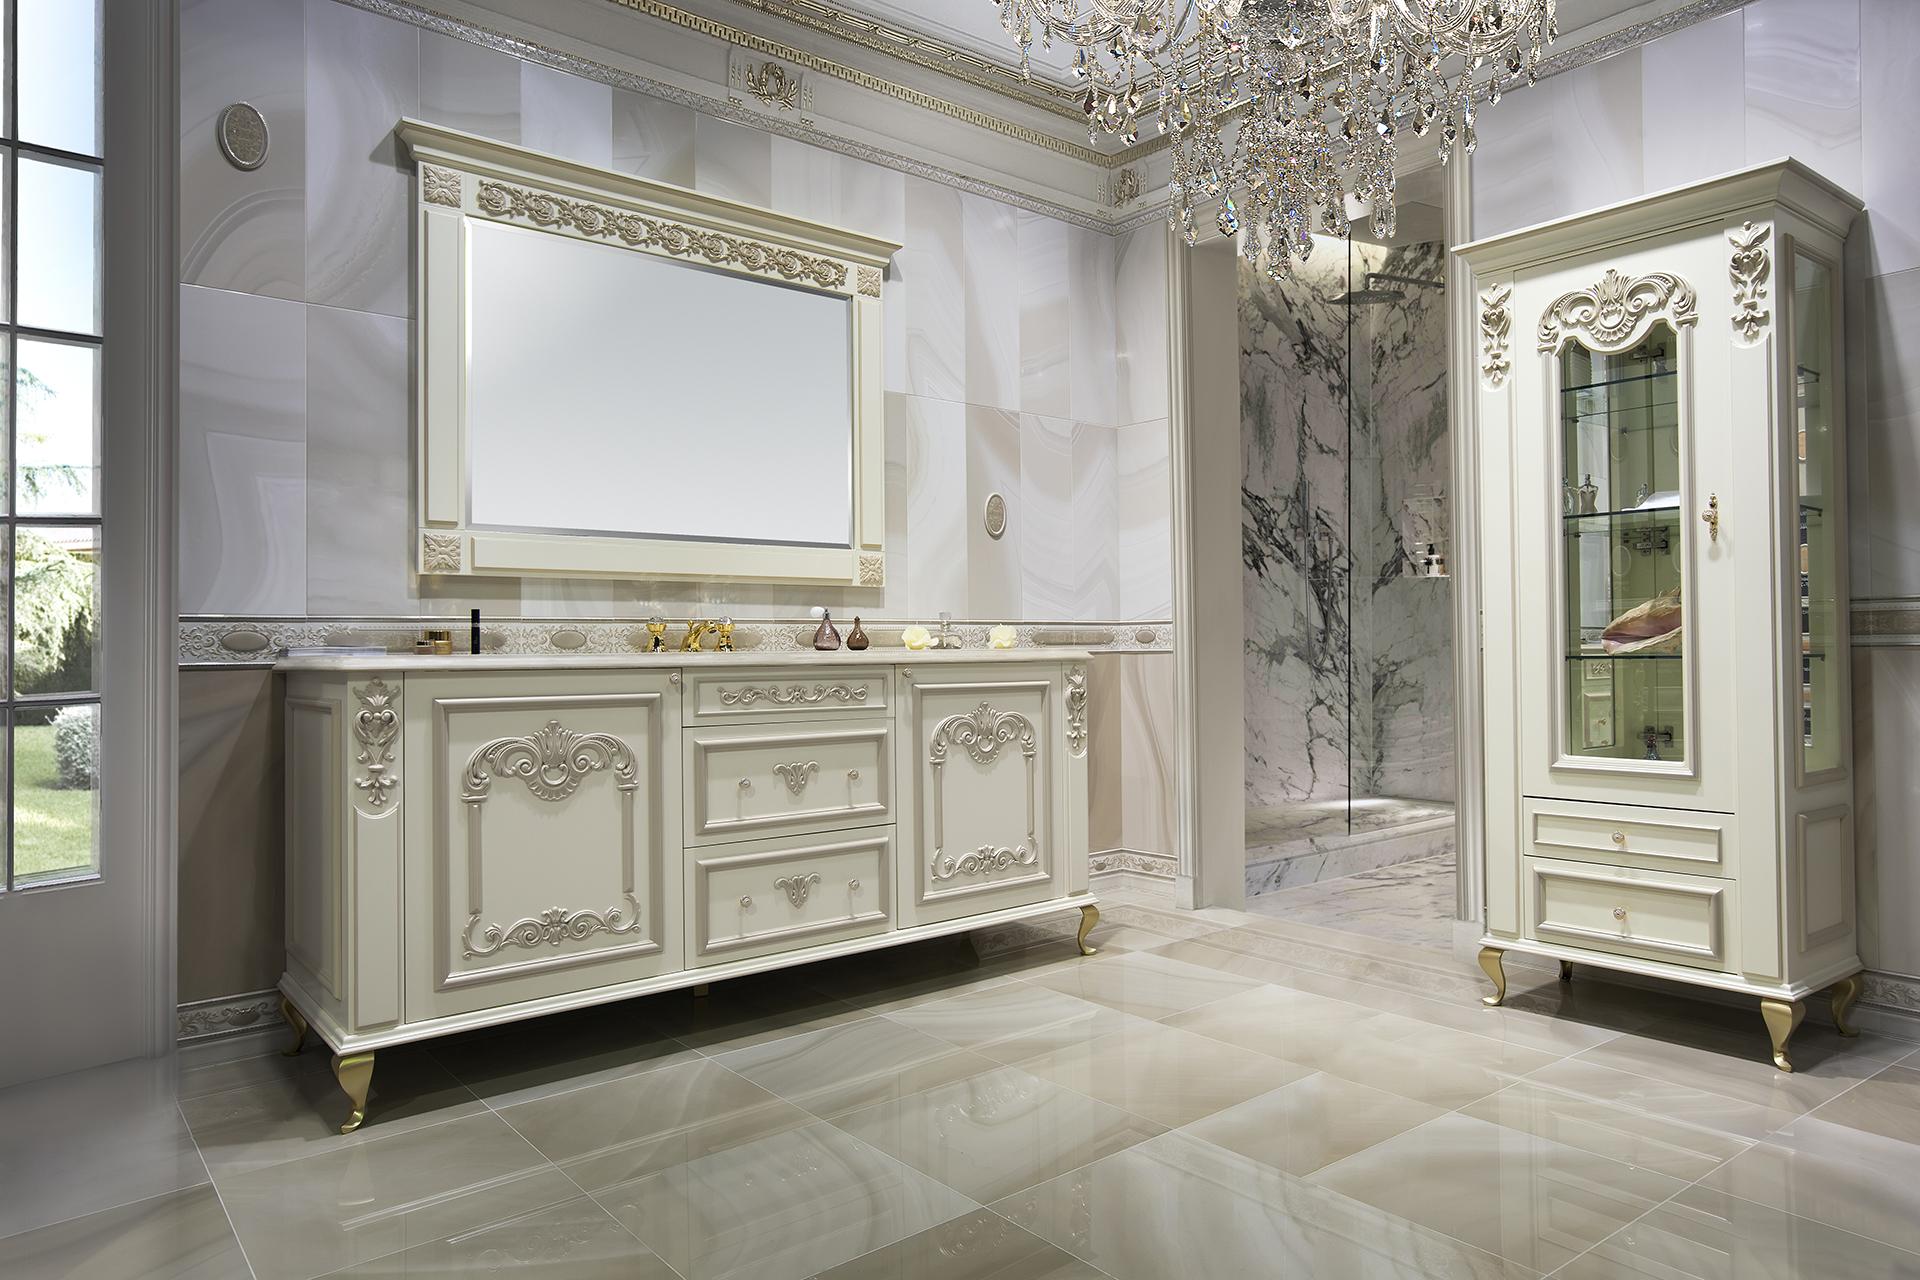 Ba os muebles de lujo pic pico luxury furniture - Muebles de bano de lujo ...